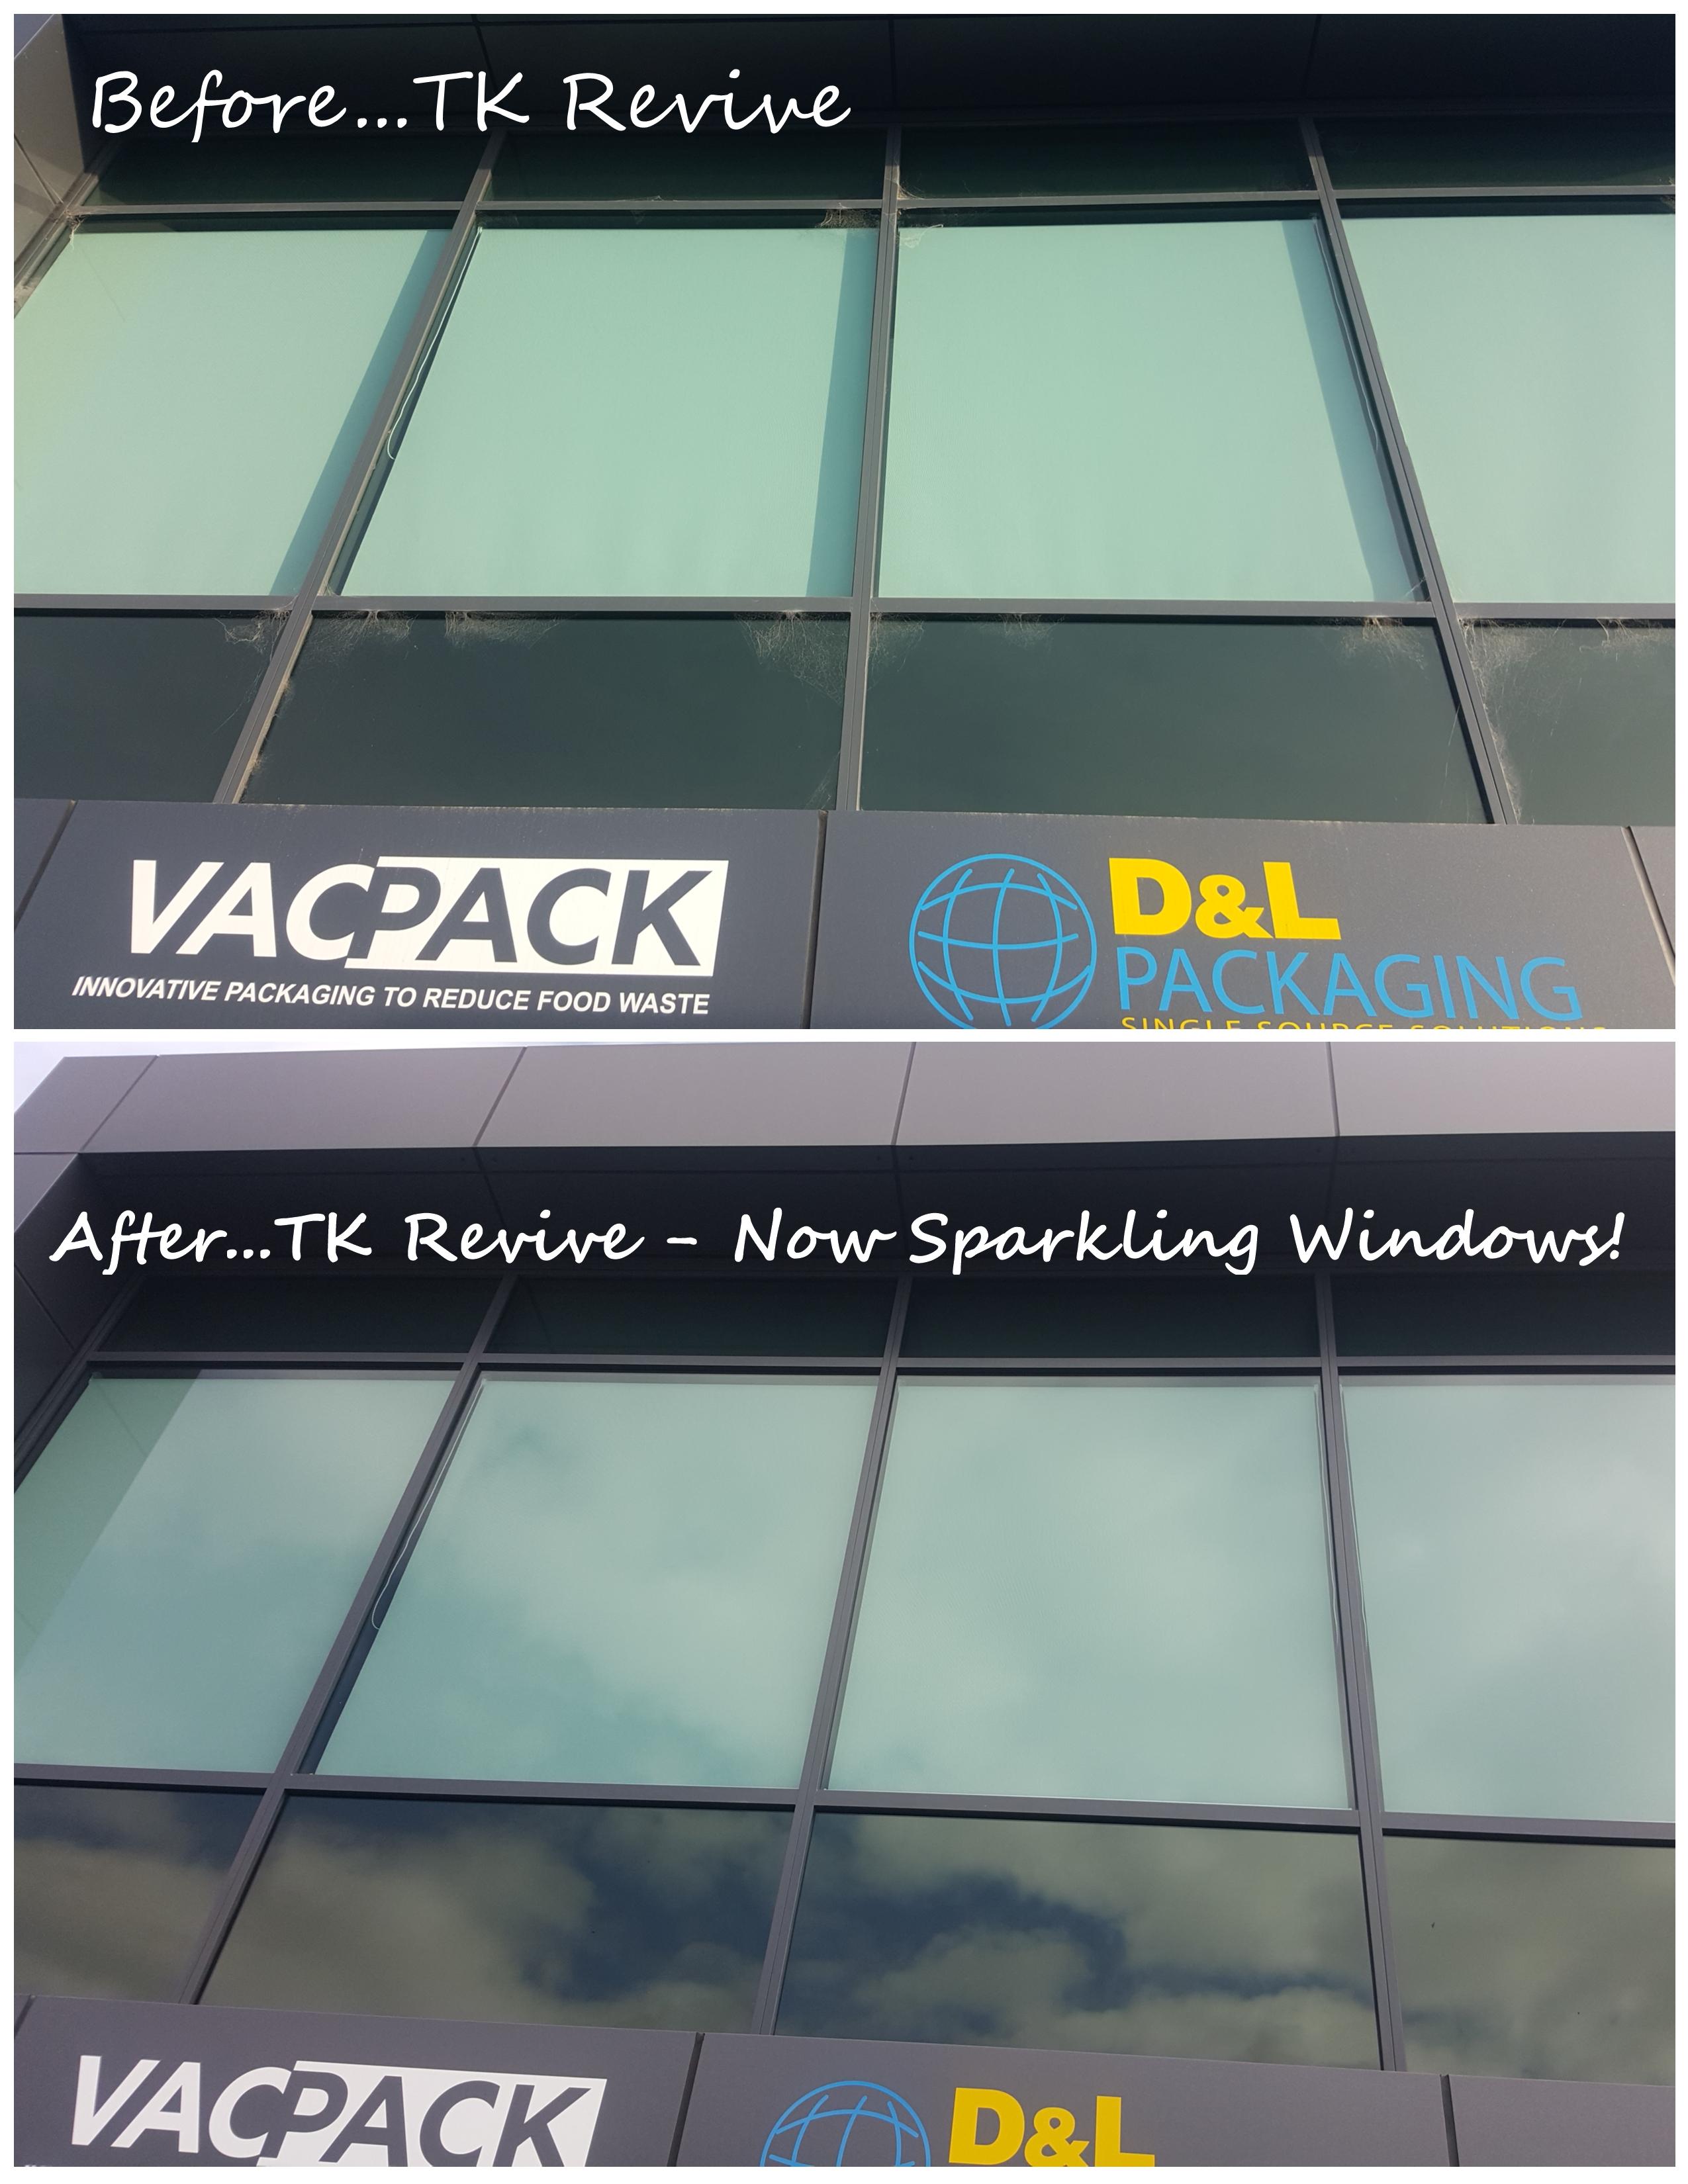 VacPack - Silverdale.jpg